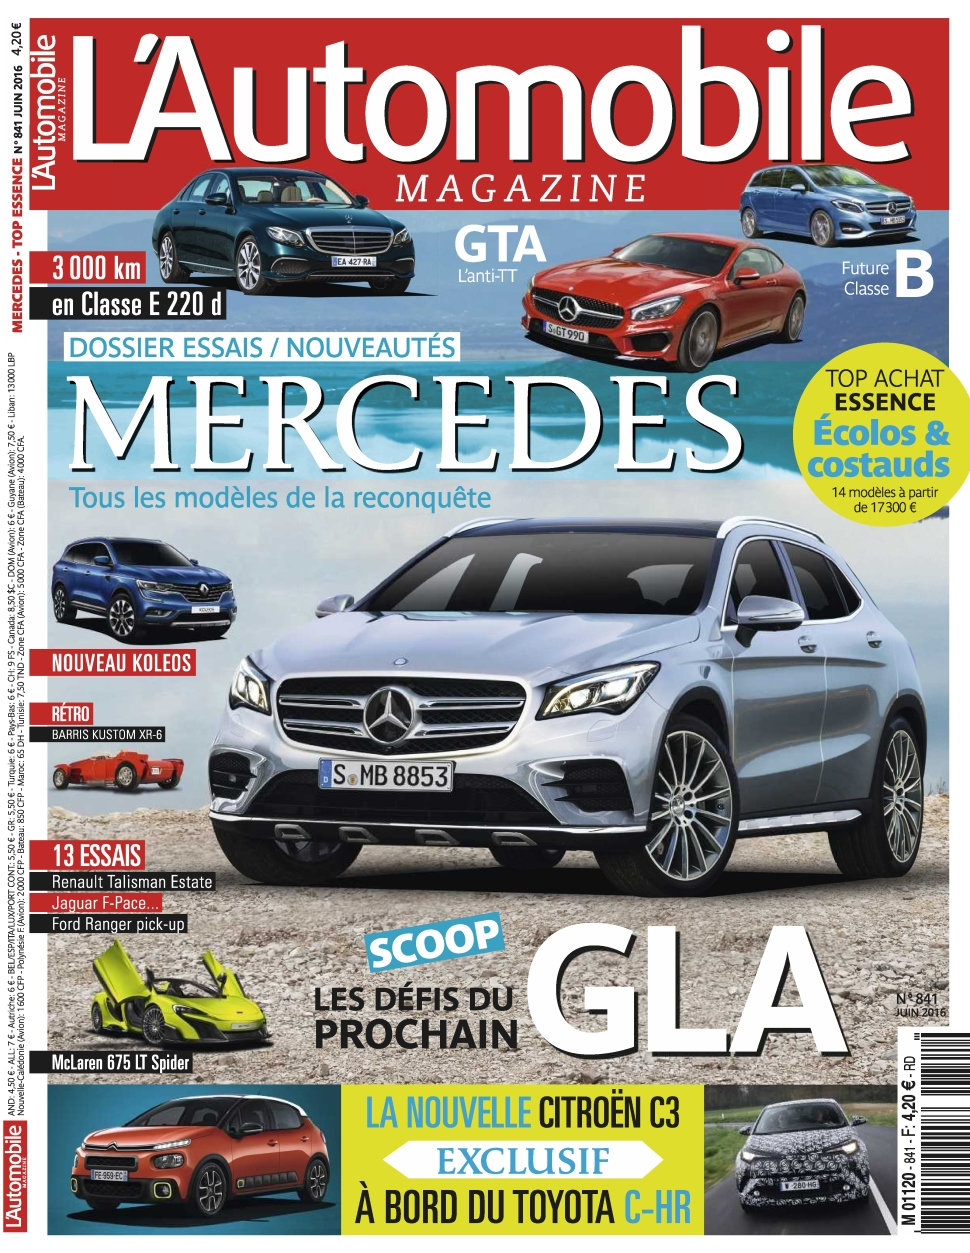 L'Automobile magazine N°841 - Juin 2016